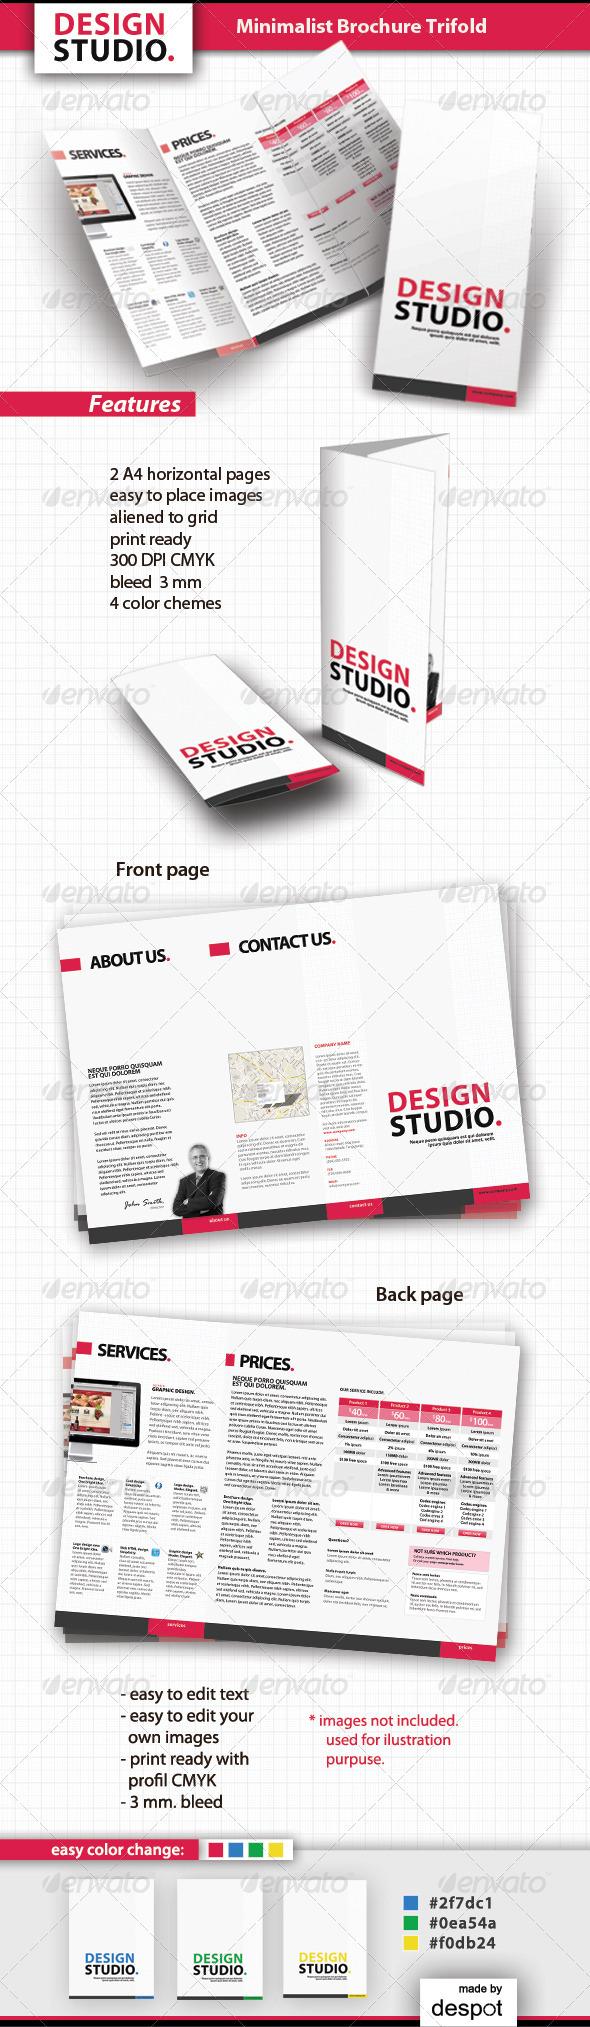 GraphicRiver Minimalist Brochure Trifold 1900237